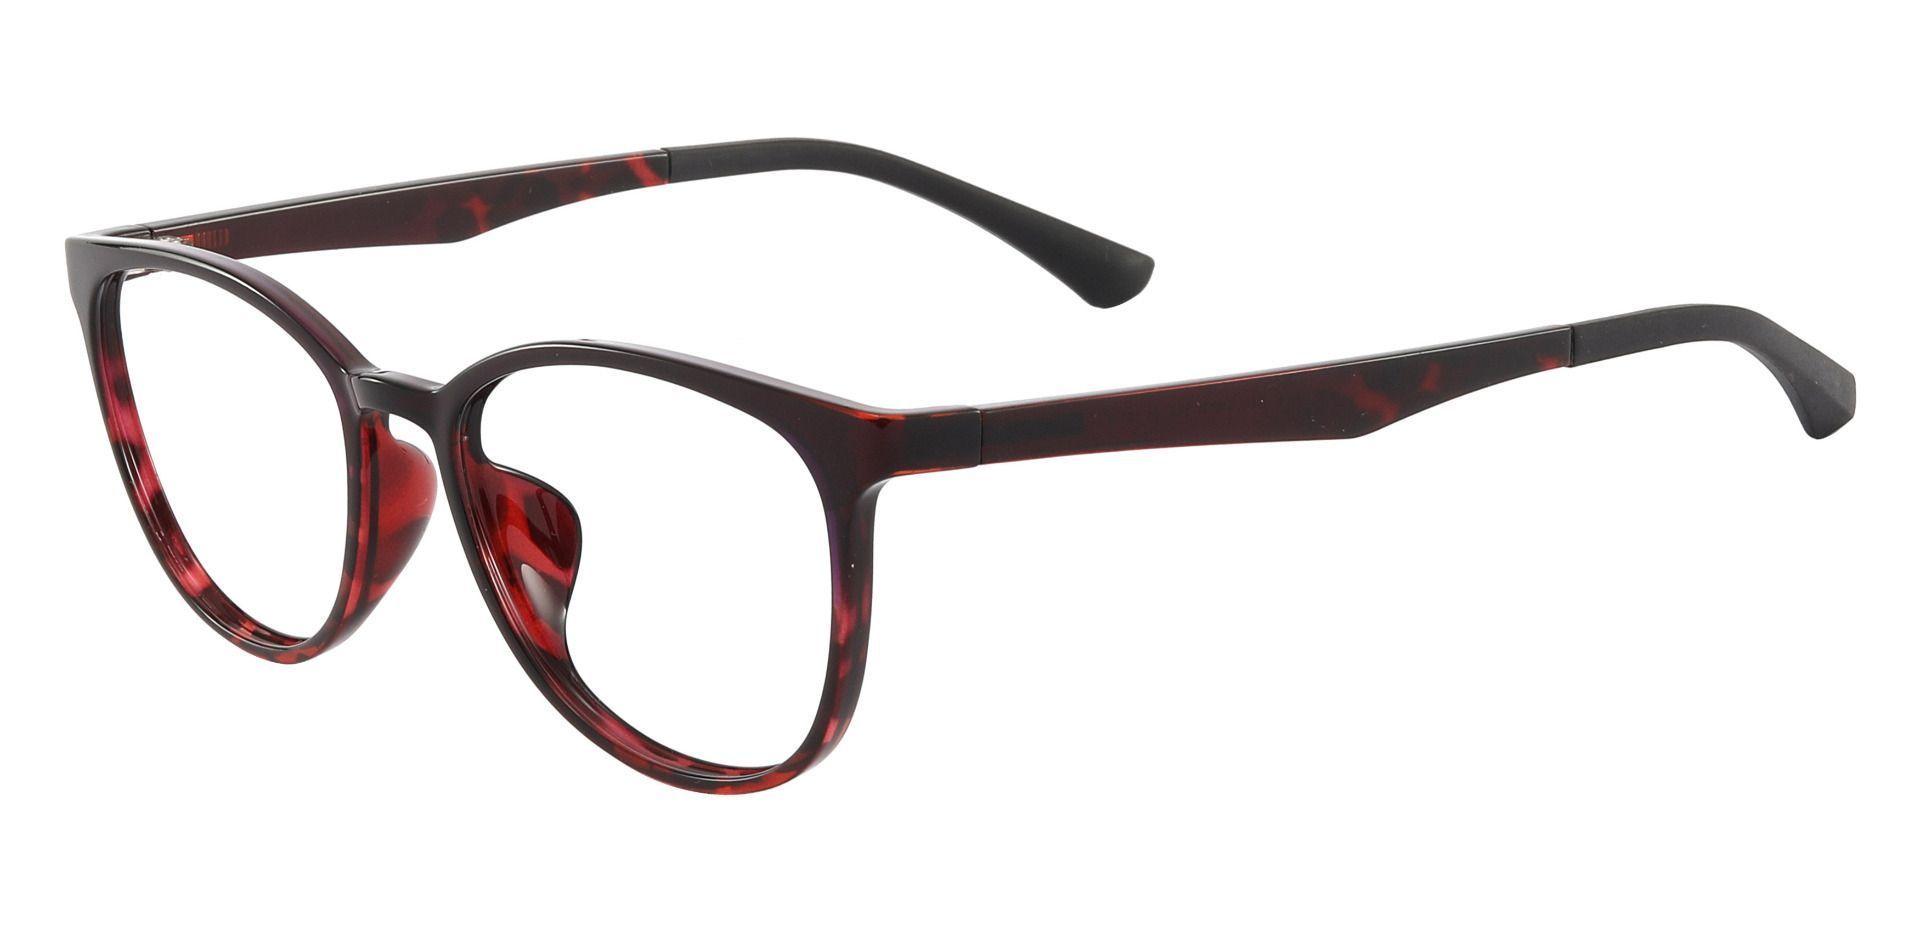 Pembroke Oval Prescription Glasses - Red